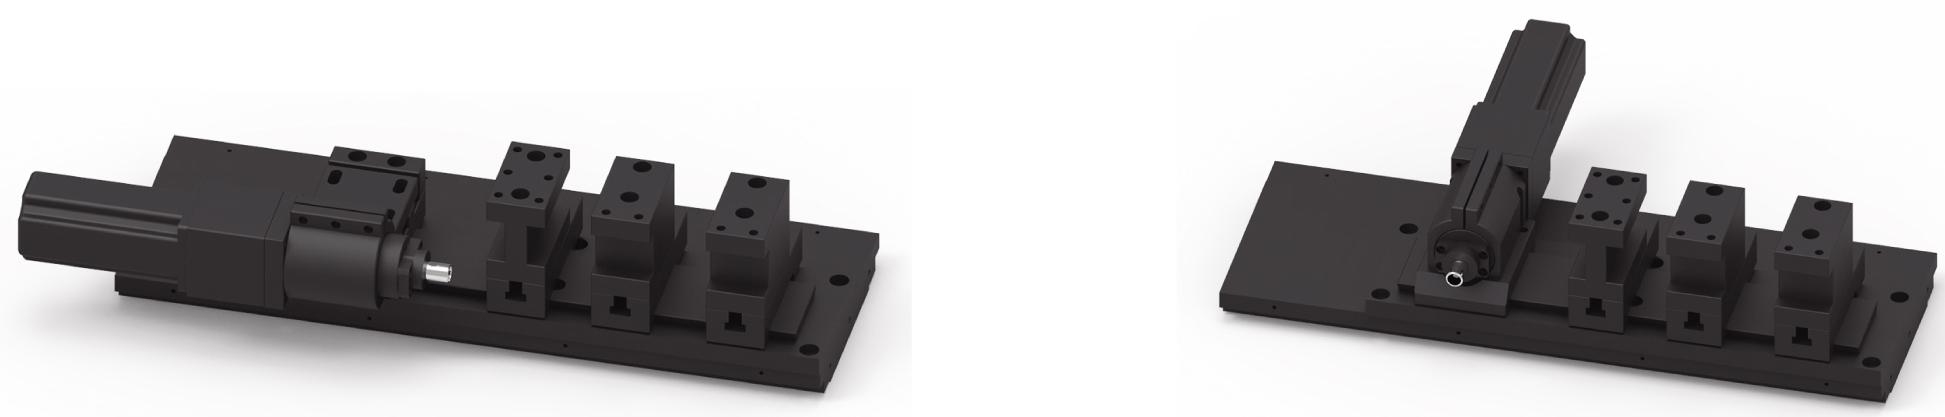 数控车床 排刀式数控车床 > ck0625a数控车床  机床型号 ck0625a 机床